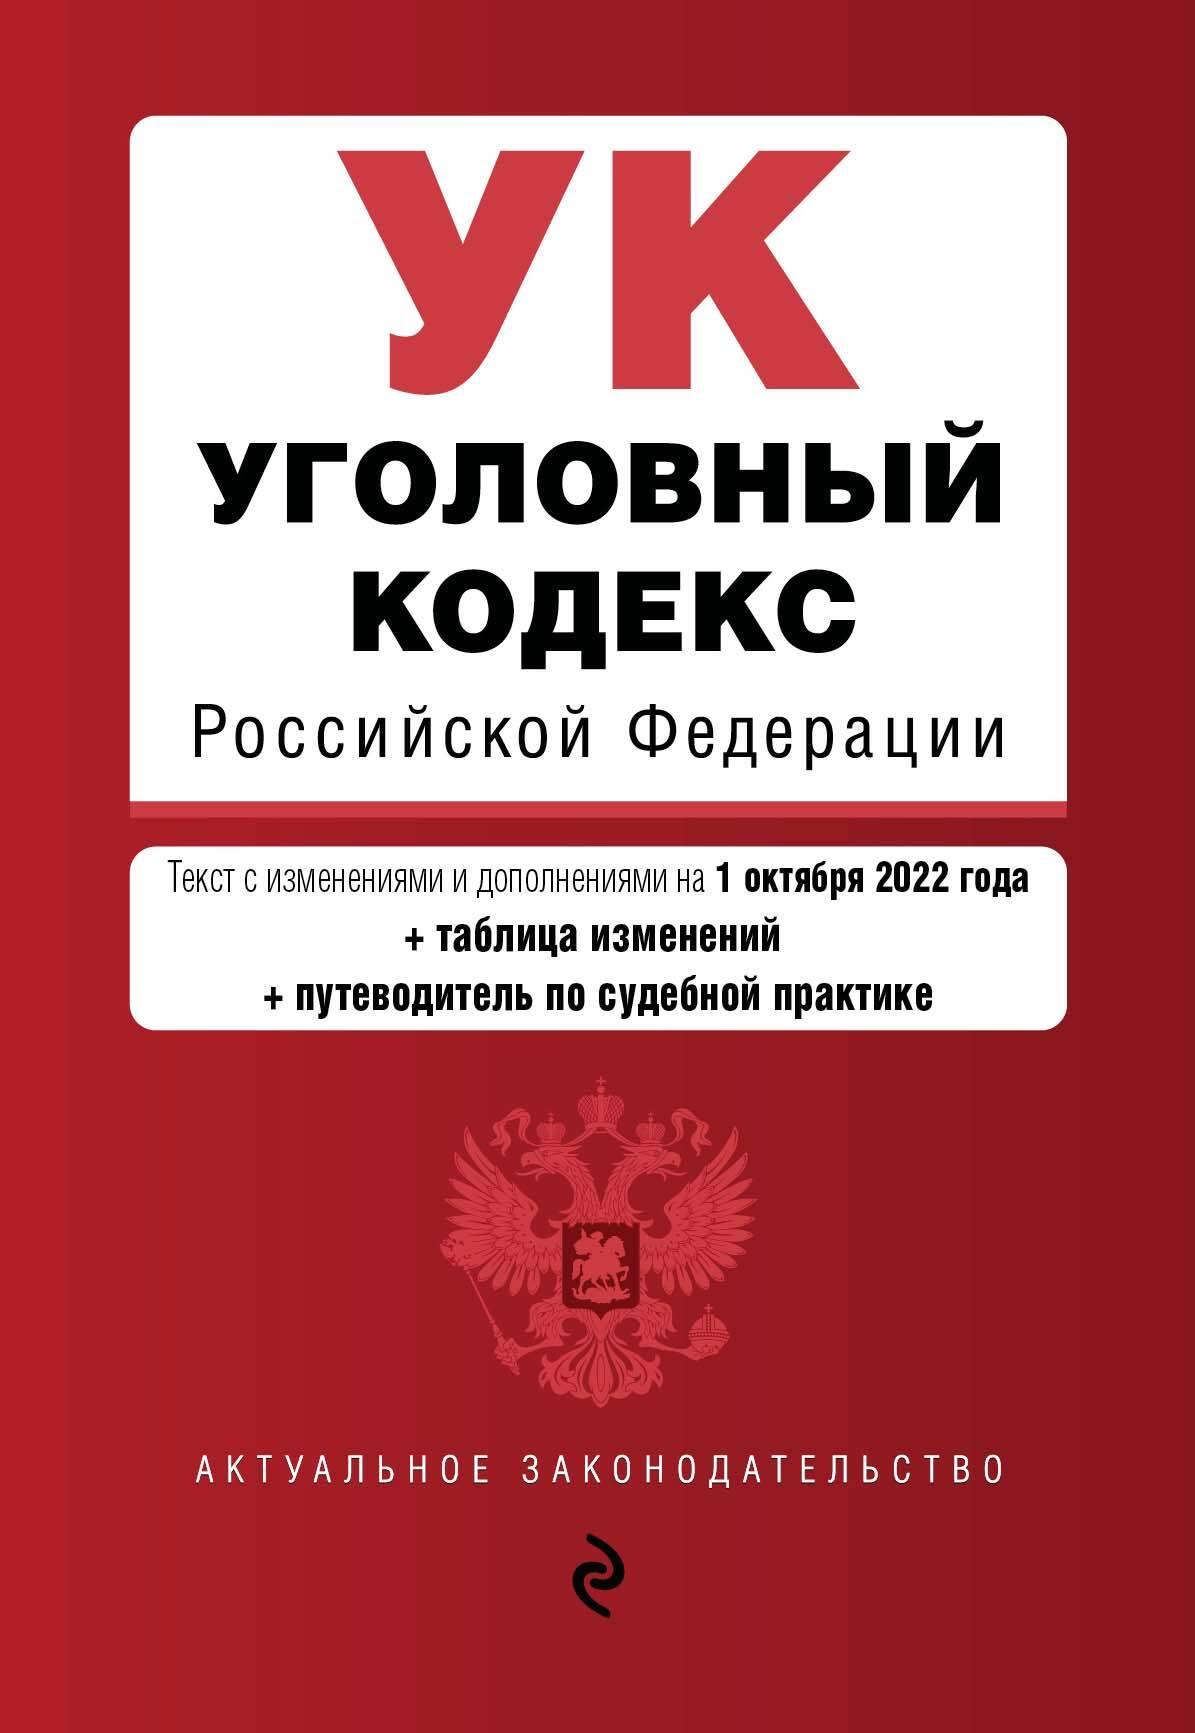 Уголовный кодекс Российской Федерации. Текст с изменениями и дополнениями на 3 февраля 2019 год (+ сравнительная таблица изменений)